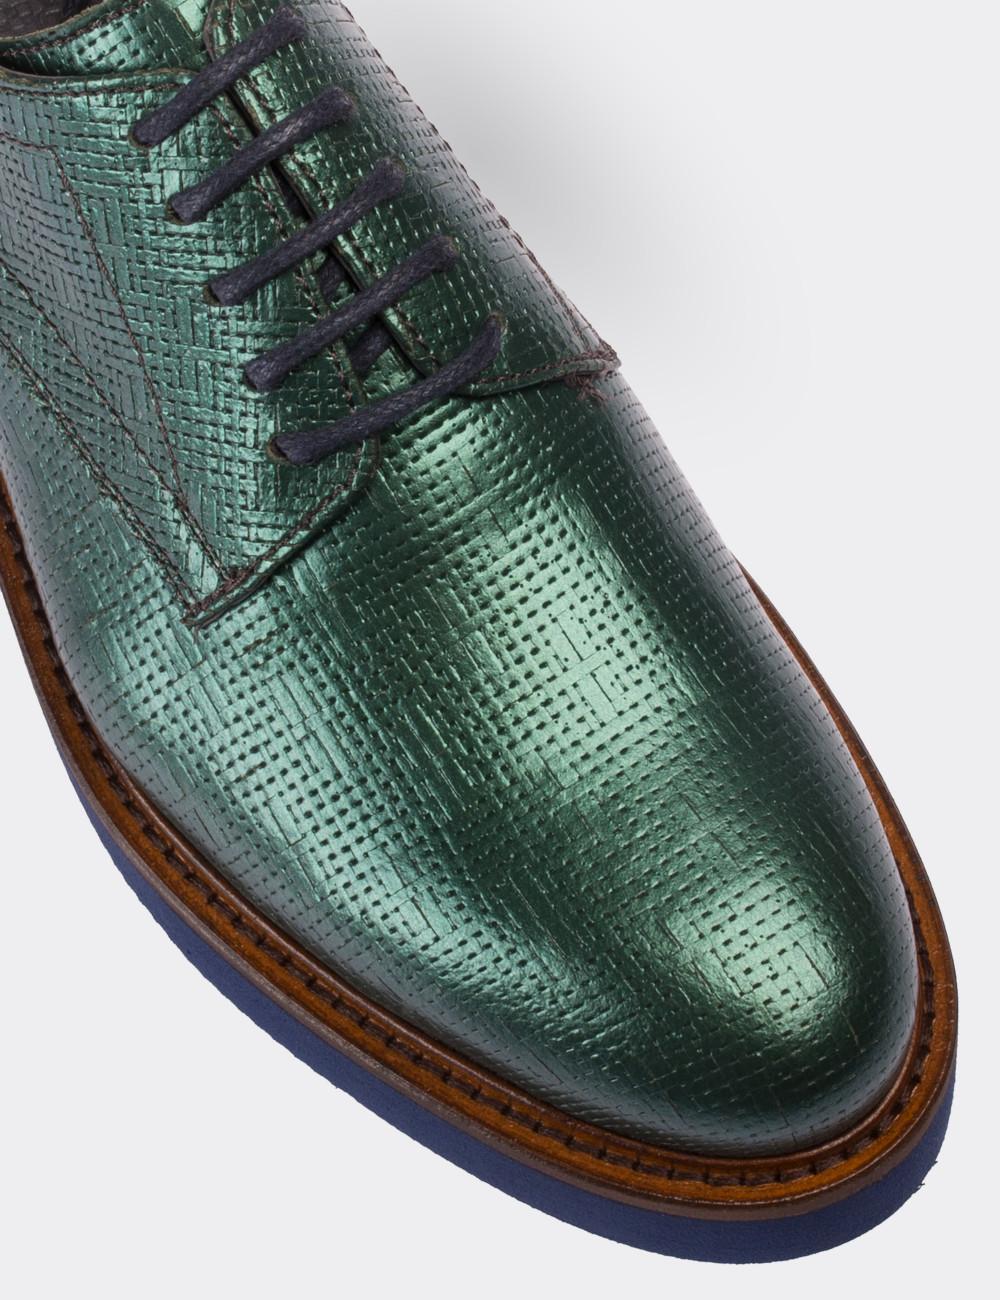 001484aa2af48 Hakiki Deri Yeşil Günlük Kadın Ayakkabı - 01430ZYSLE07